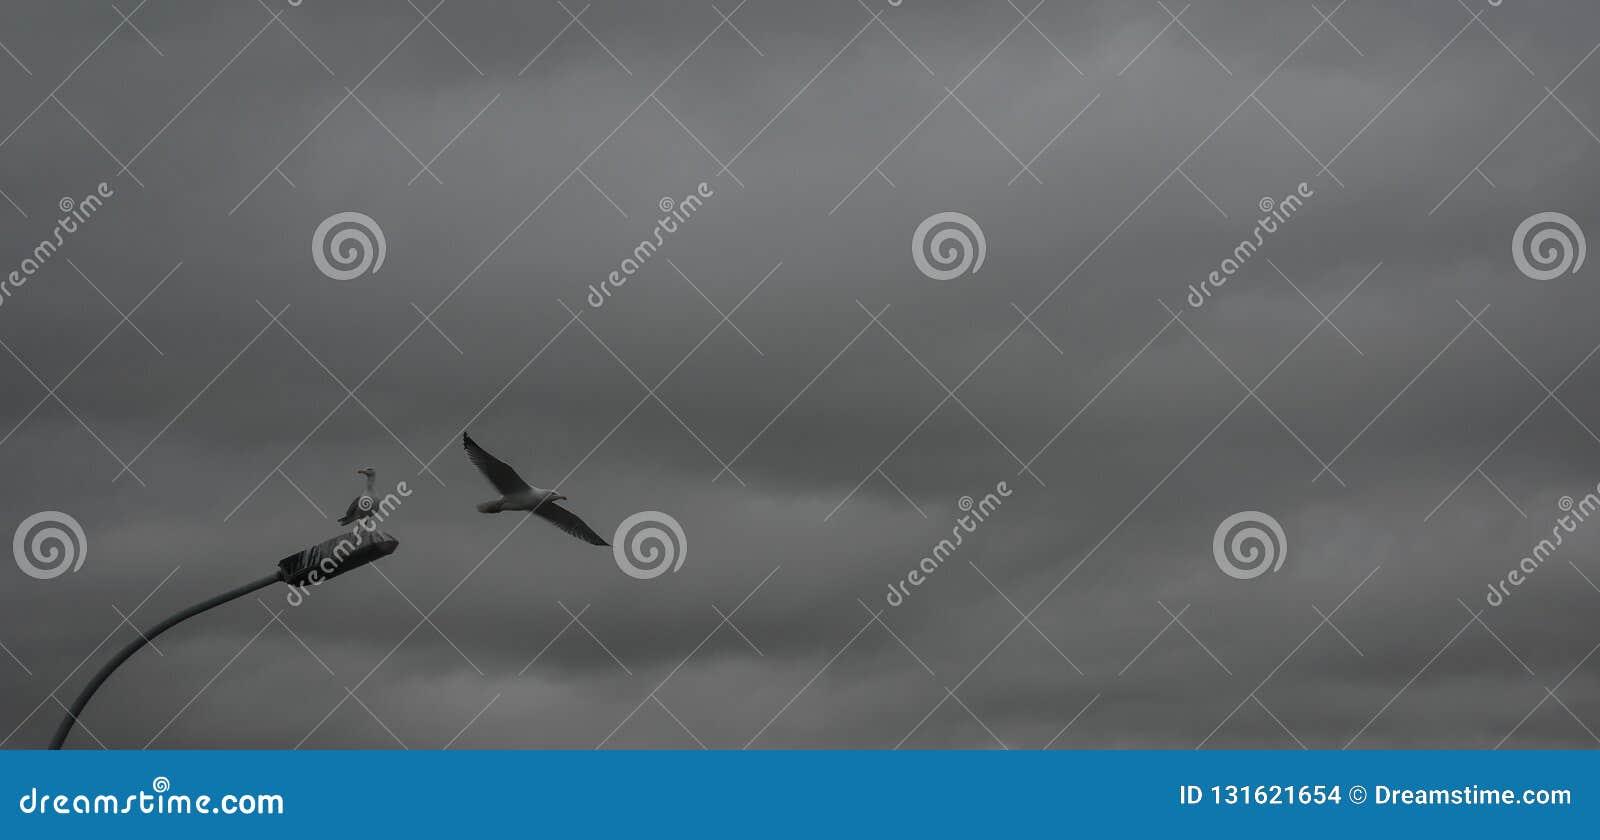 Un par de gaviotas en un día nublado